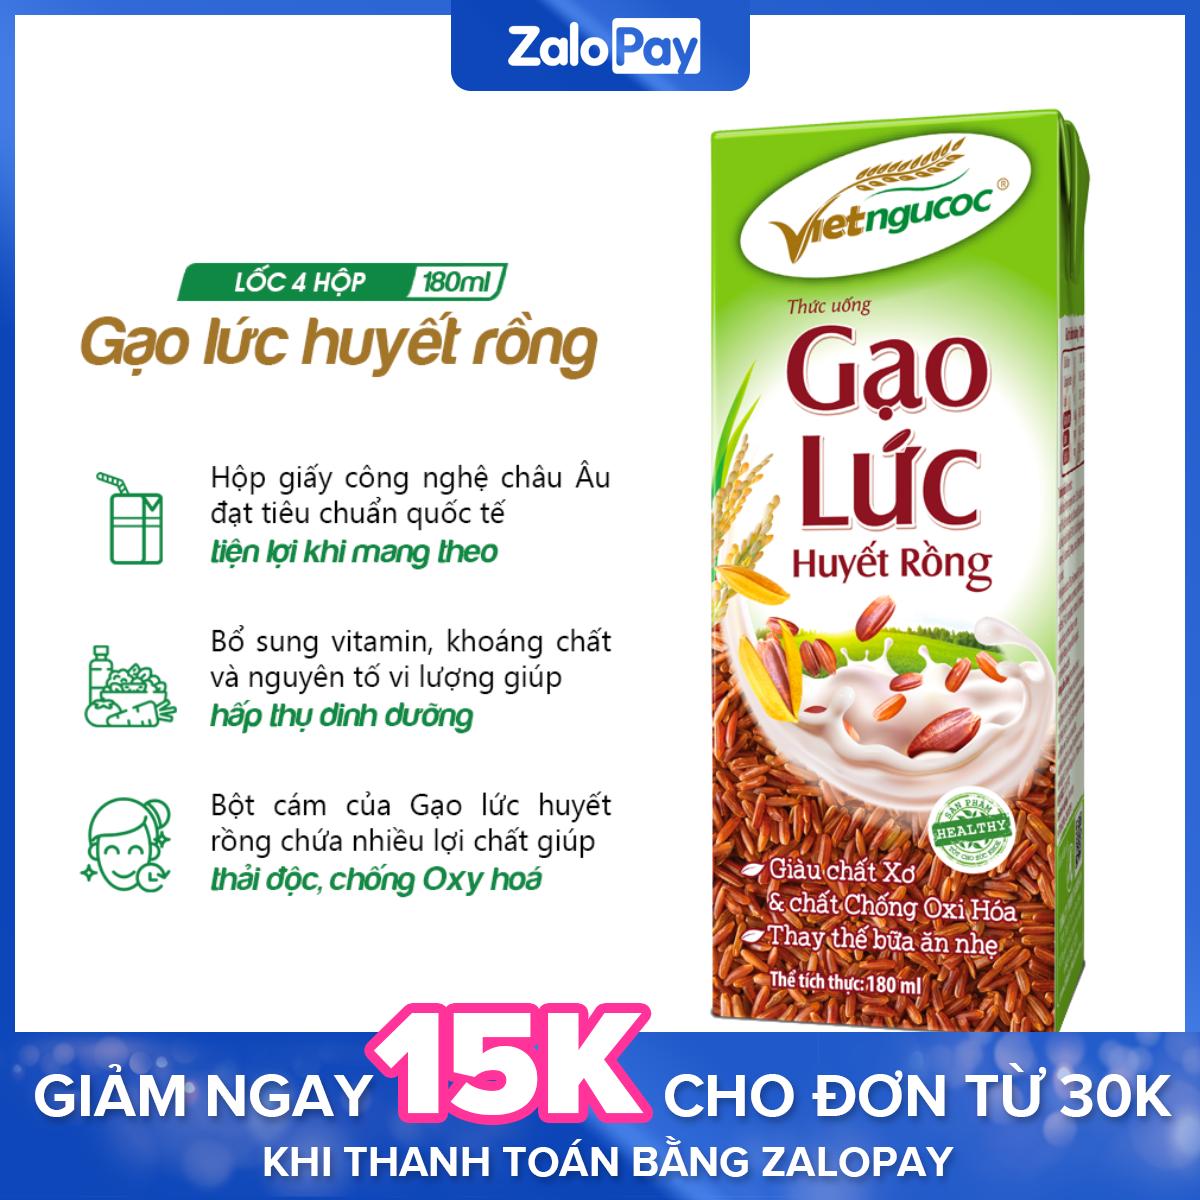 Thức uống Gạo lức huyết rồng Việt Ngũ Cốc lốc 4 hộp 180ml – Tặng Oatta Pillow Yến mạch Chocolate